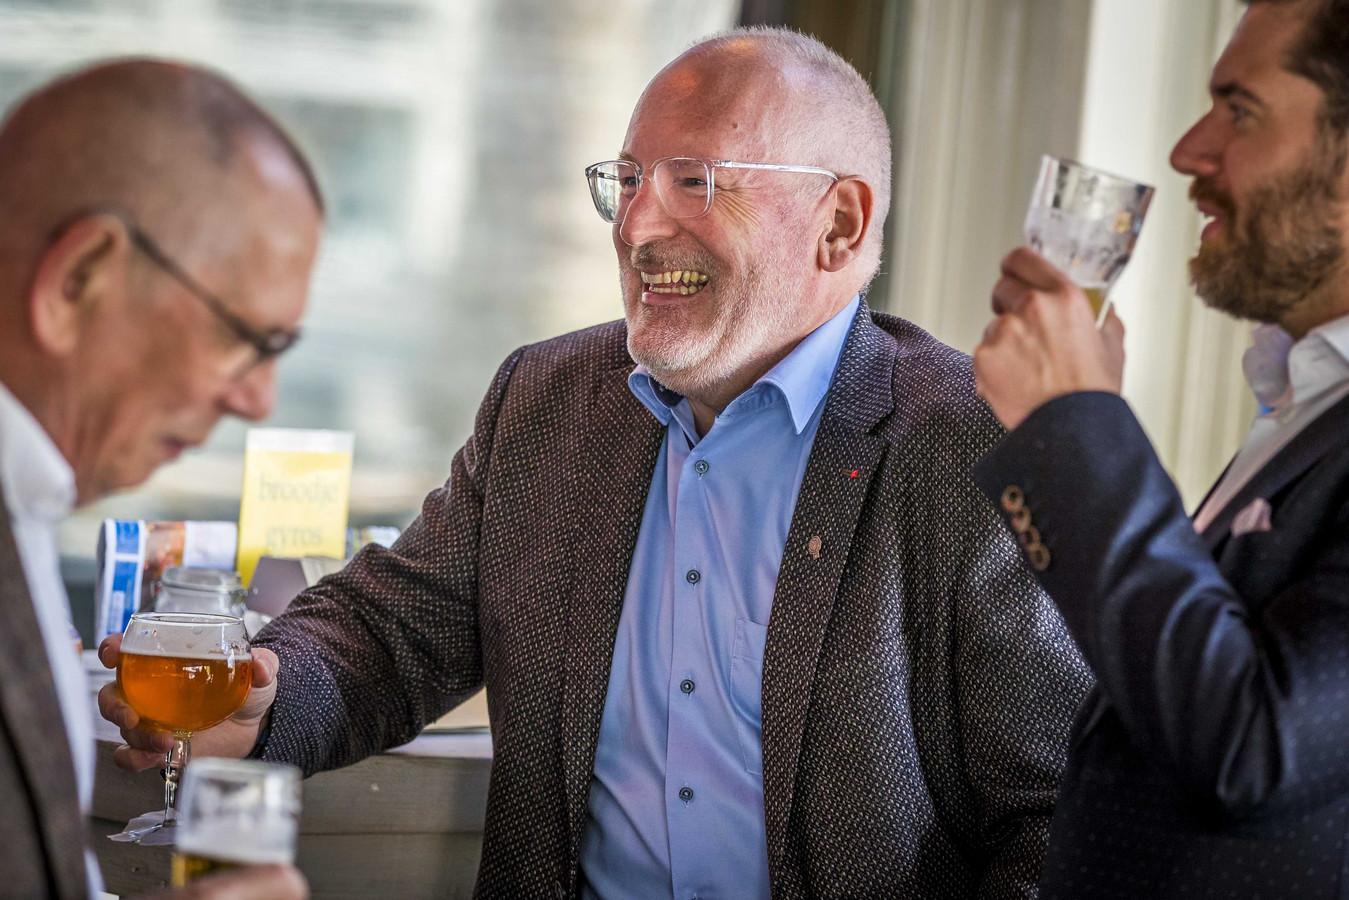 Eurocommissaris Frans Timmermans tijdens de campagne voor de Europese verkiezingen in zijn thuisstad Heerlen.